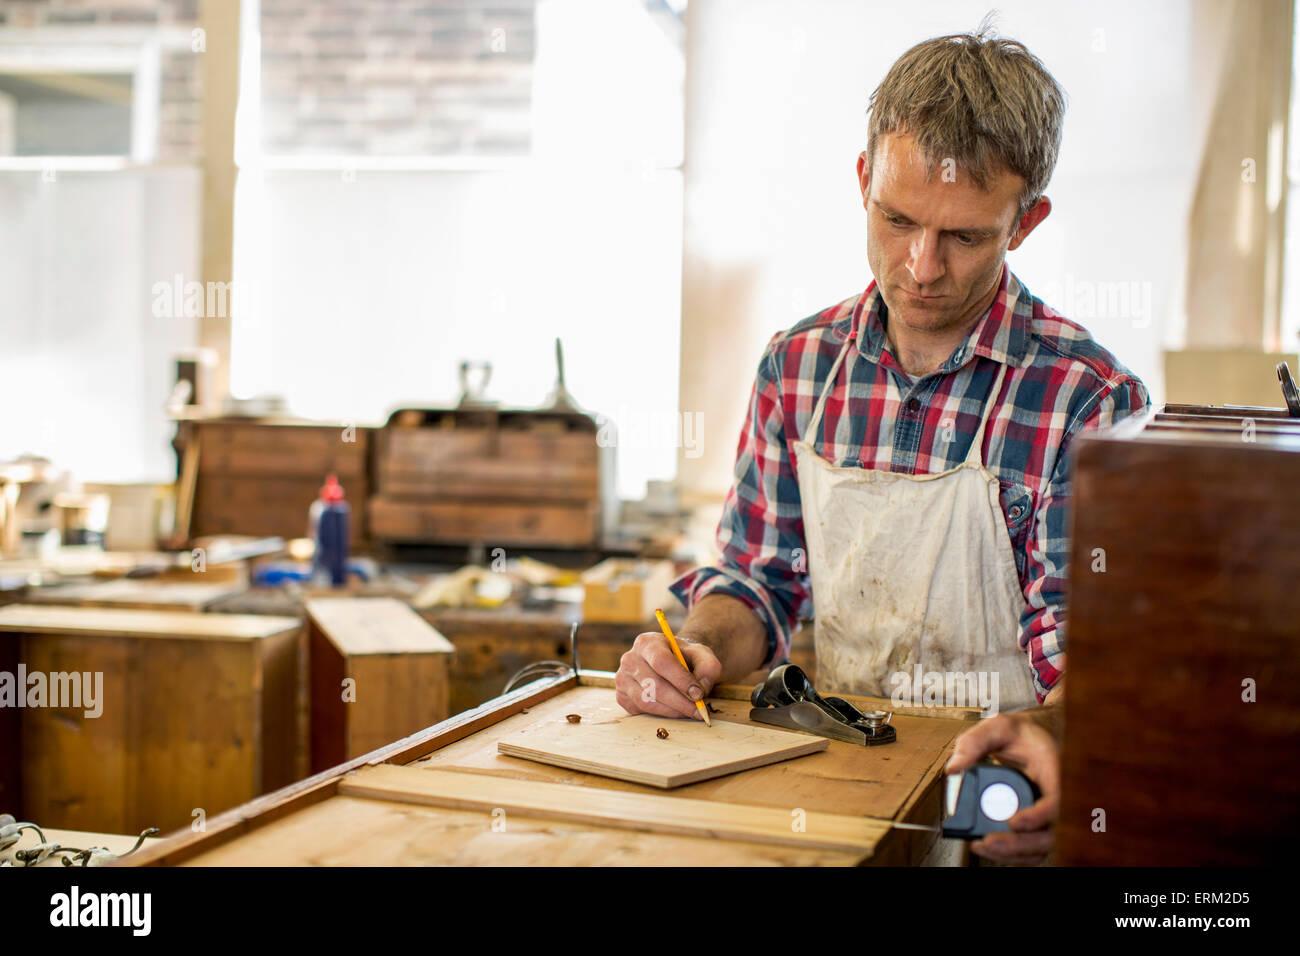 Antike Möbel-Restaurator mit einem Bleistift zeichnen und Planung seiner Arbeit. Stockbild